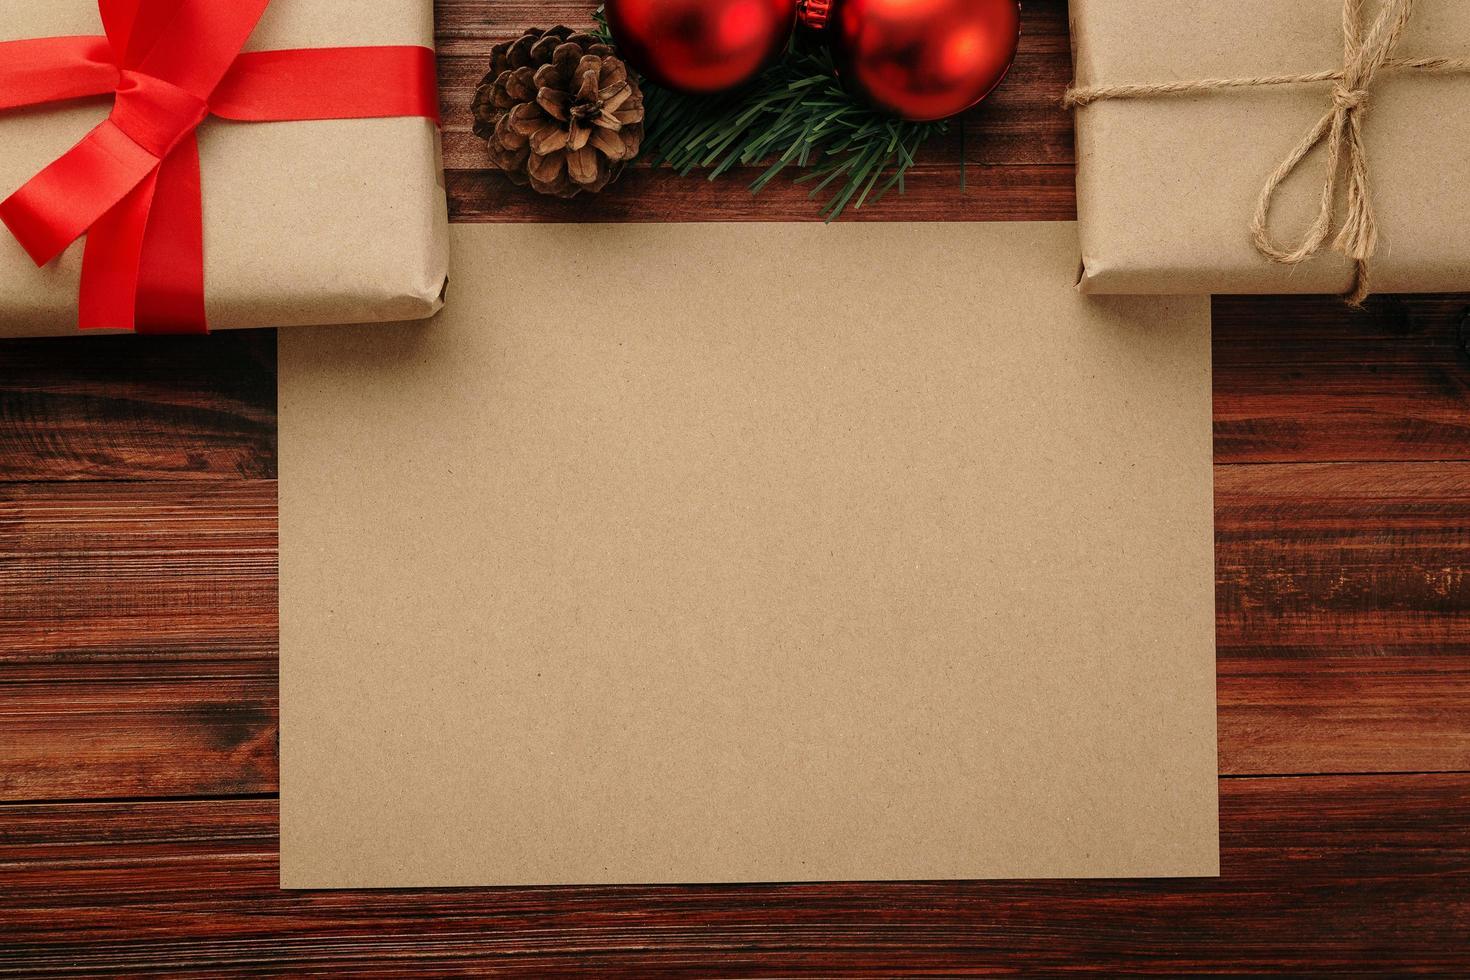 Frohe Weihnachten Bastelpapier Grußkarte Modell Vorlage mit Weihnachtsgeschenk Dekorationen foto